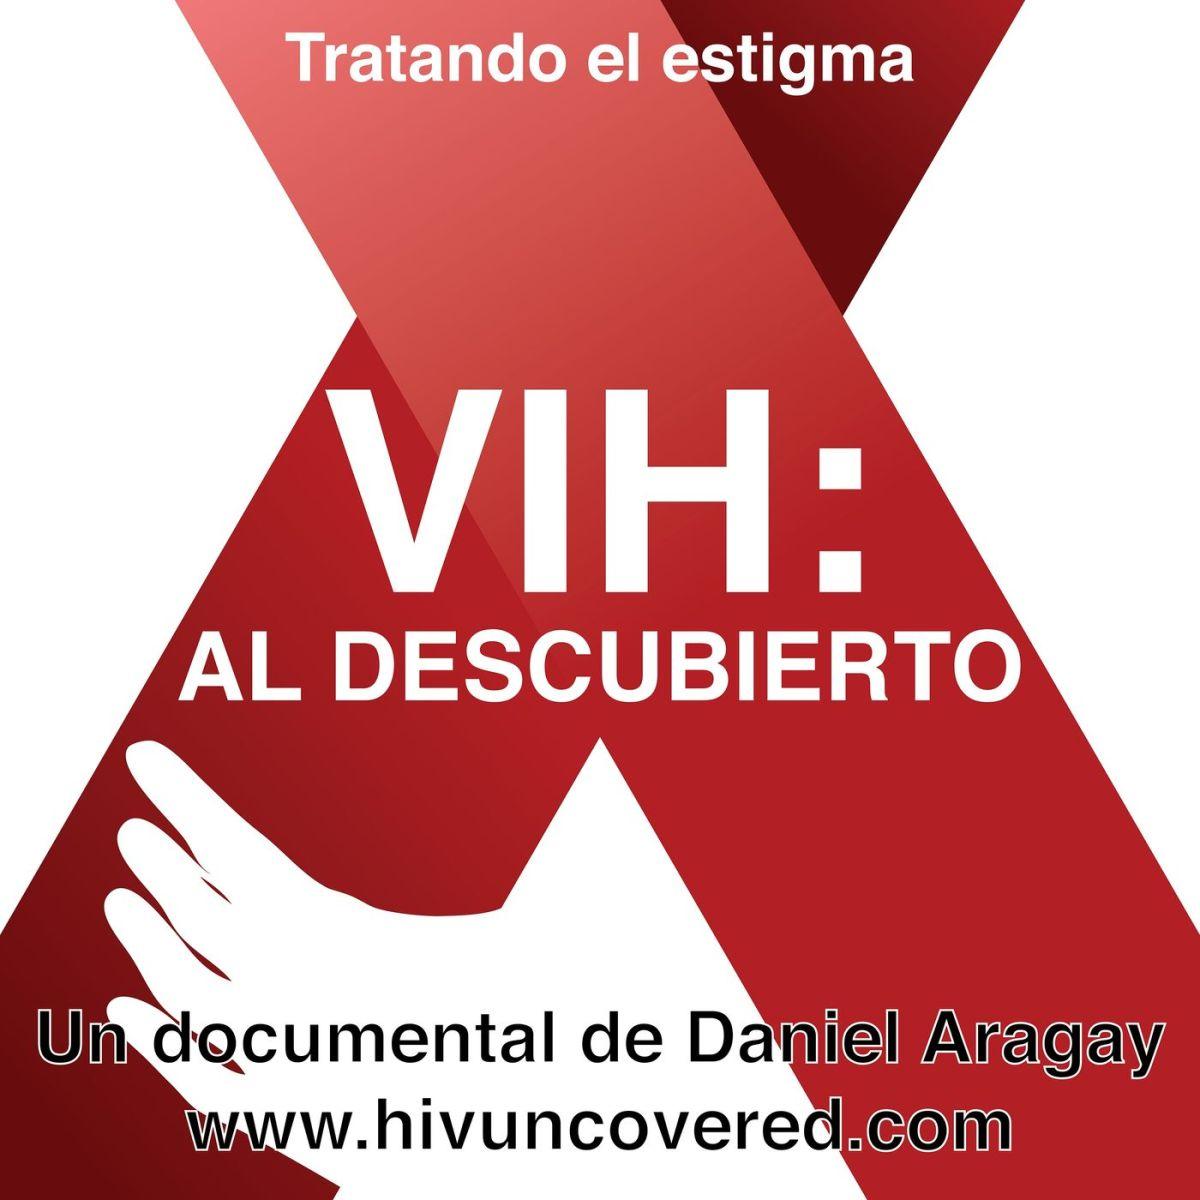 VIH: Al descubierto